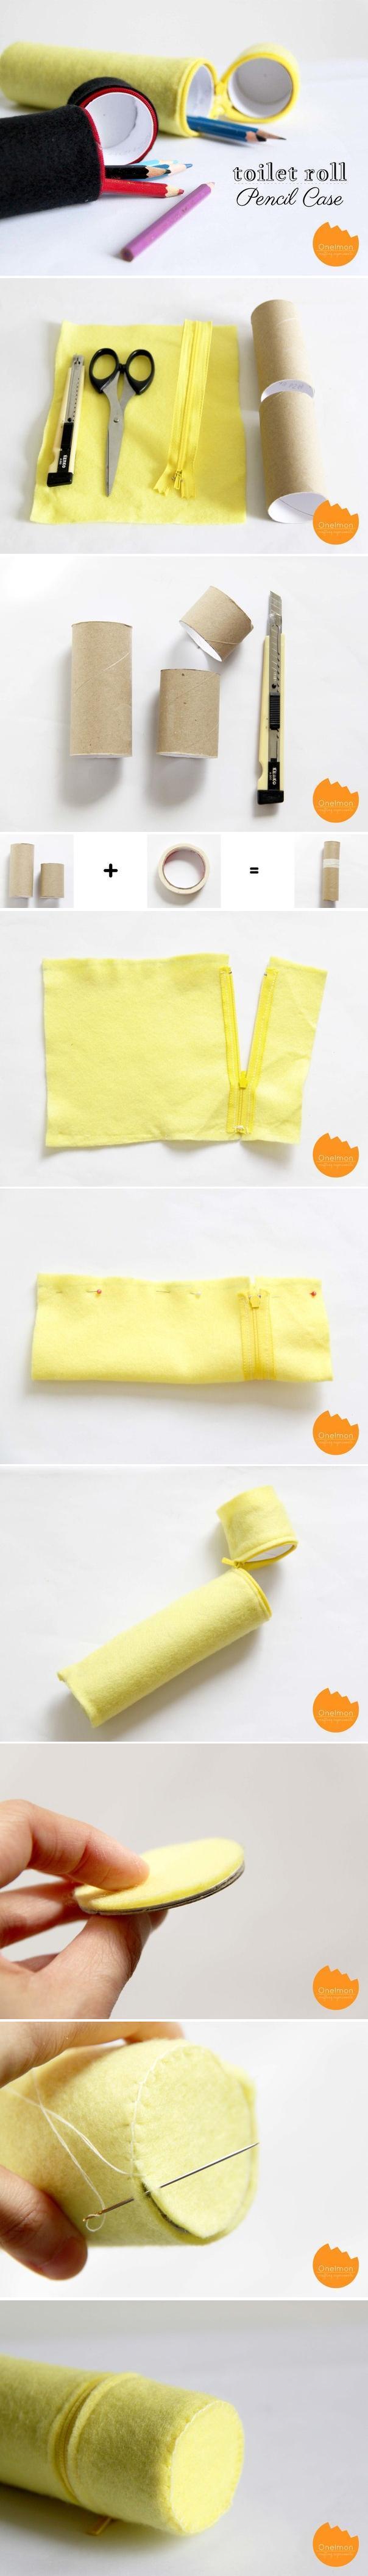 DIY Toilet Roll Pencil Case DIY Projects | UsefulDIY.com